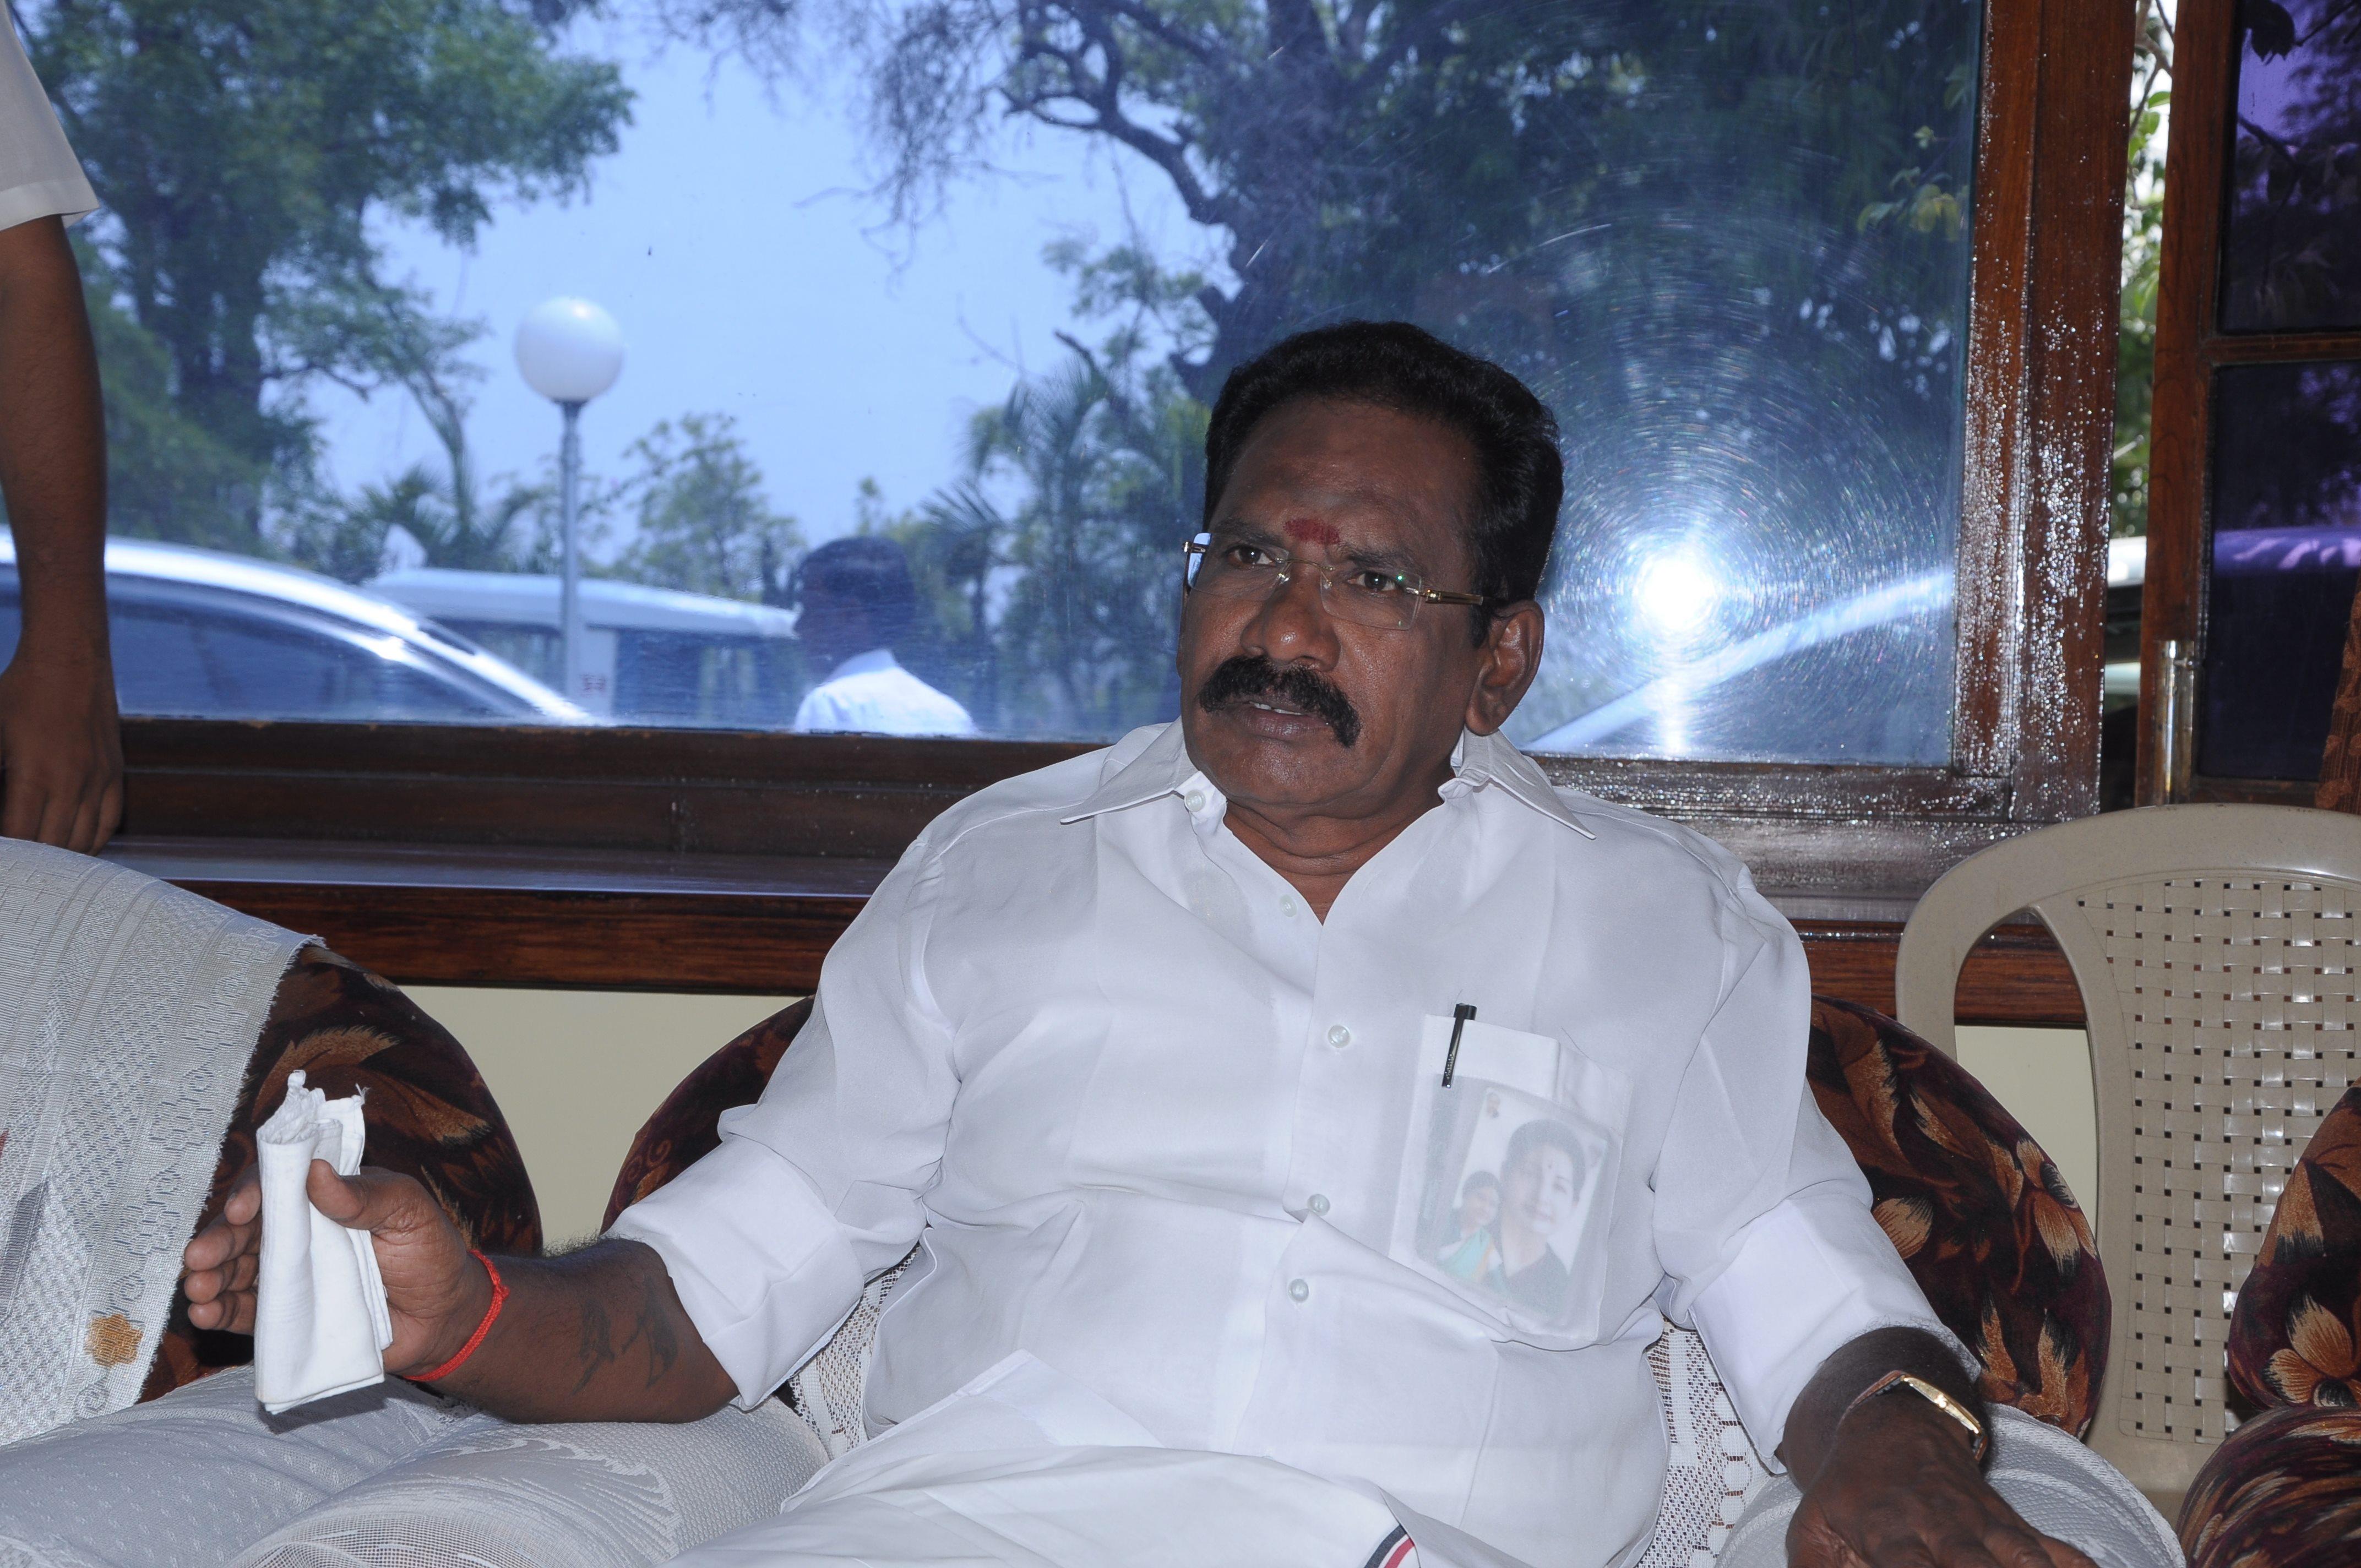 'தெர்மாகோல்' ராஜூவின் வரலாற்று புகைப்படங்கள்